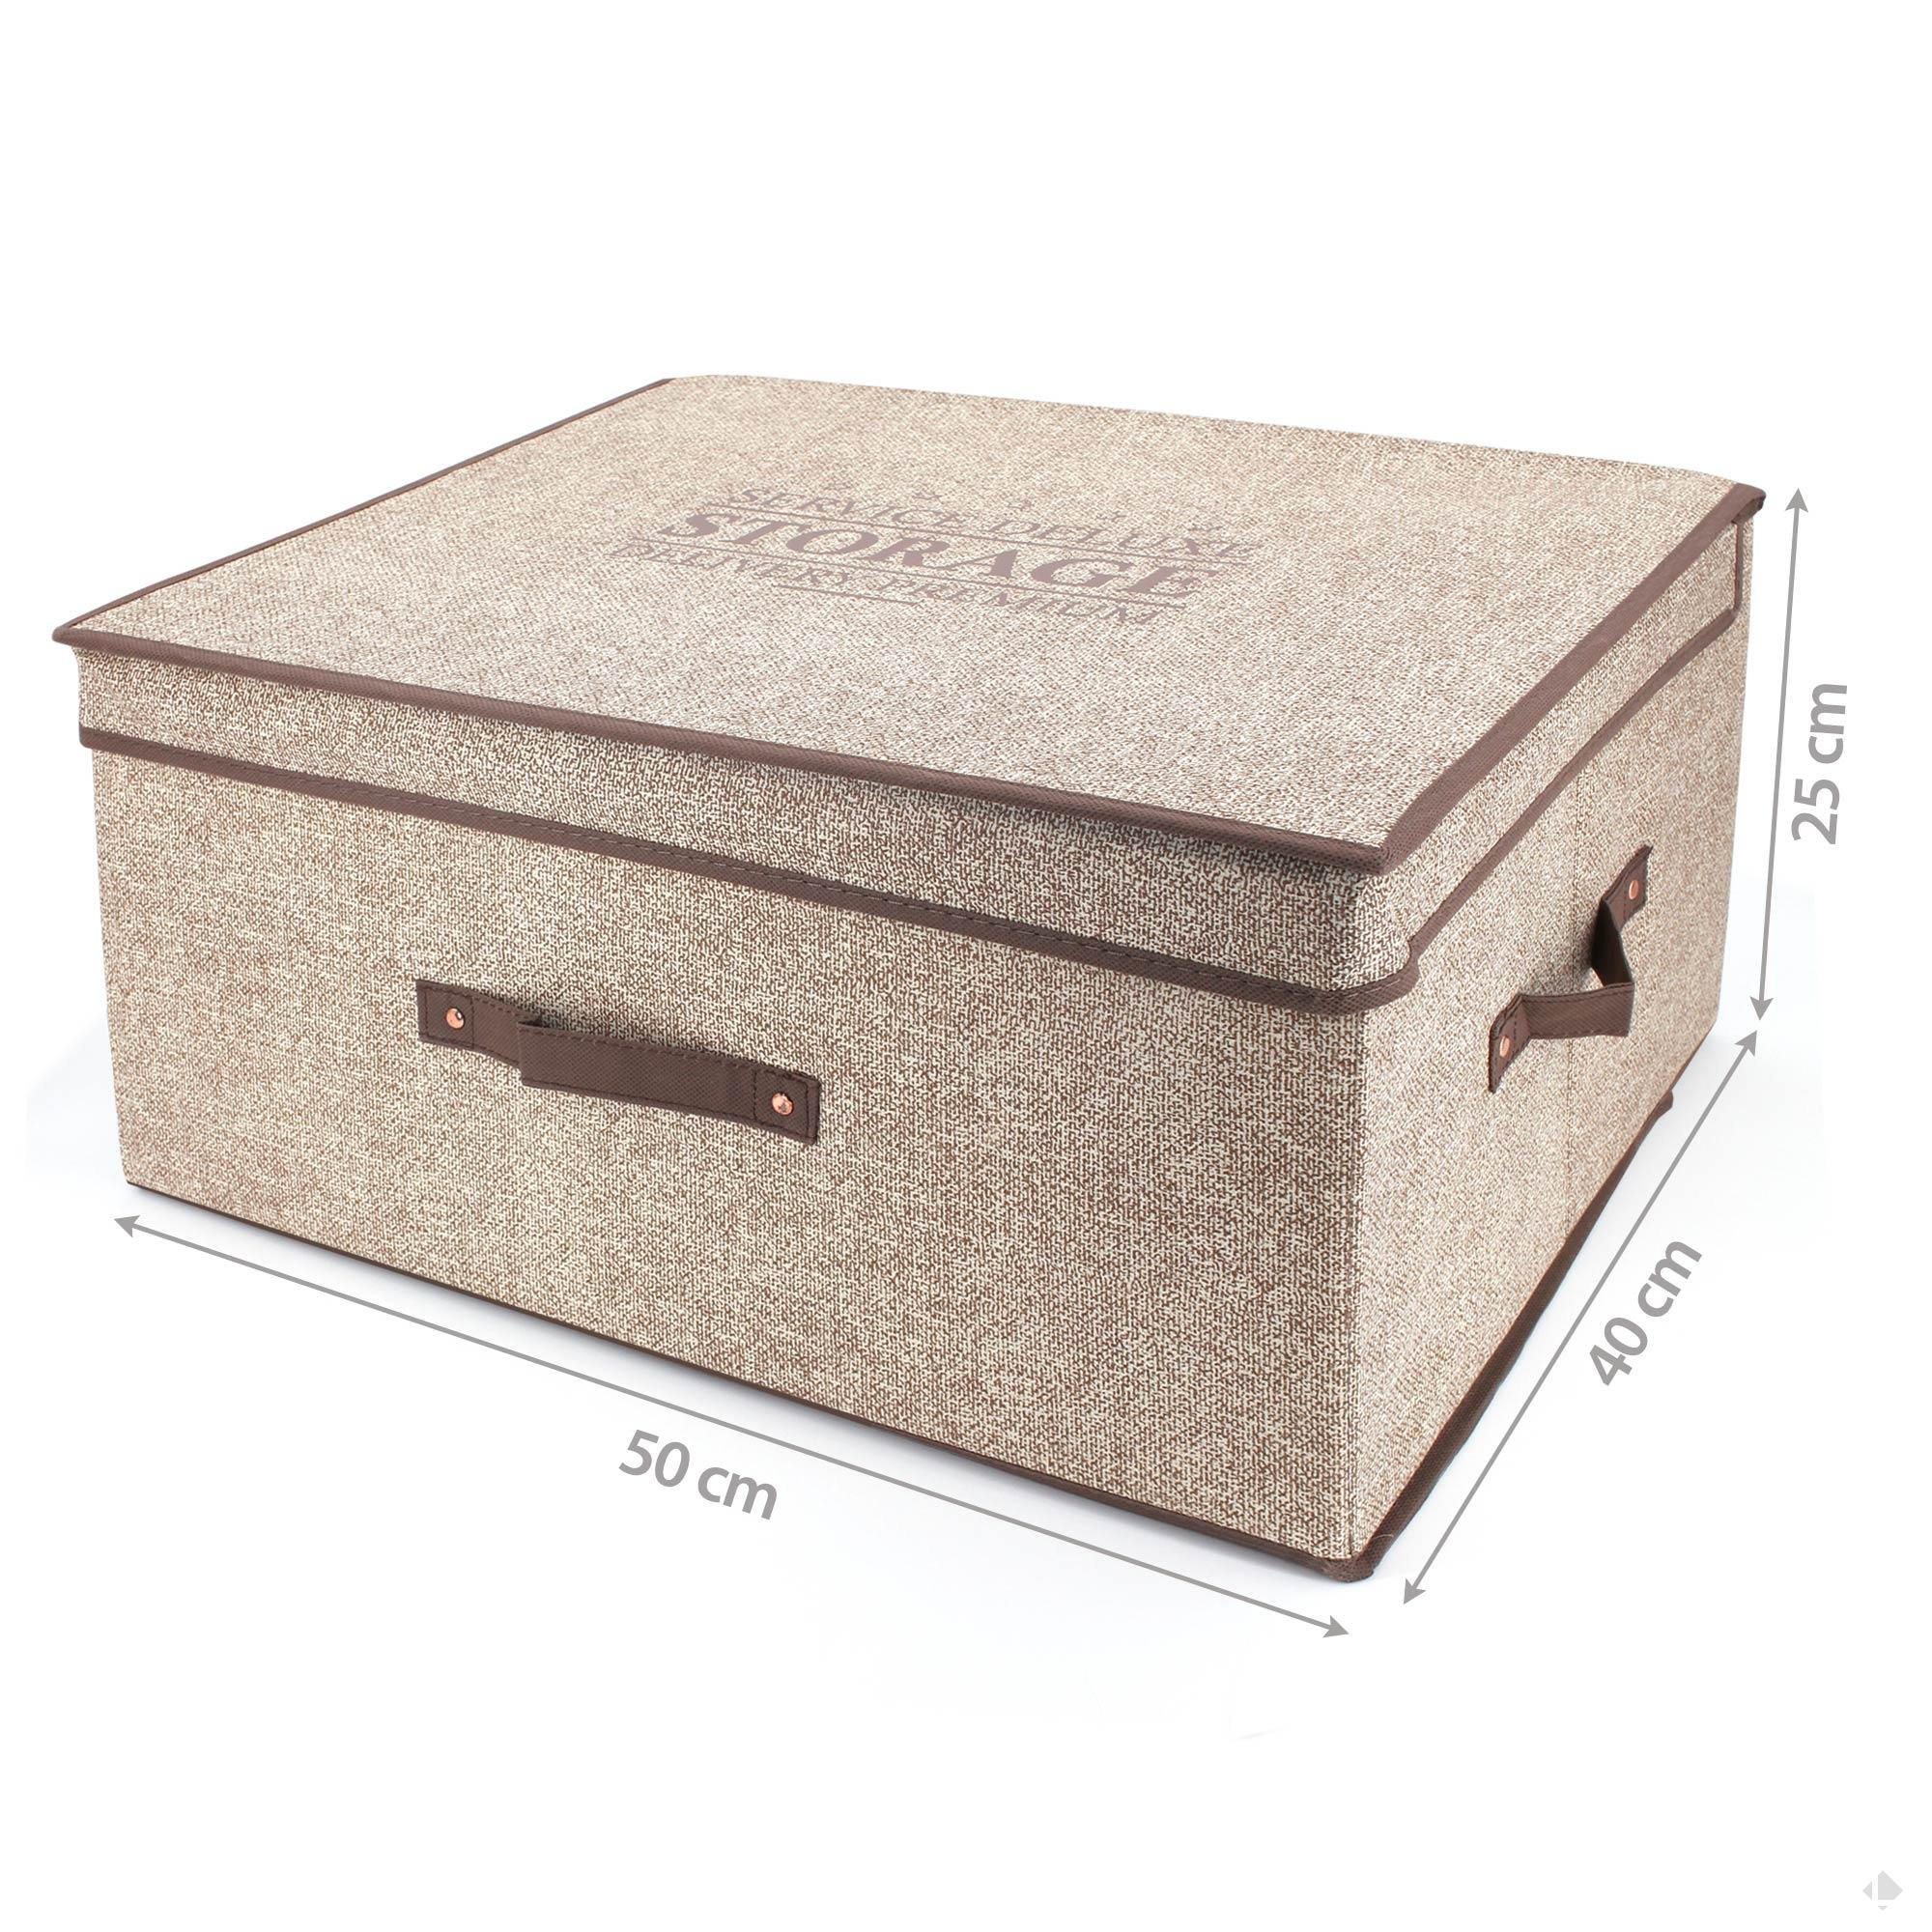 Boite de rangement DELUXE en carton avec revêtement non tissé 50L marron | Linnea, linge de ...